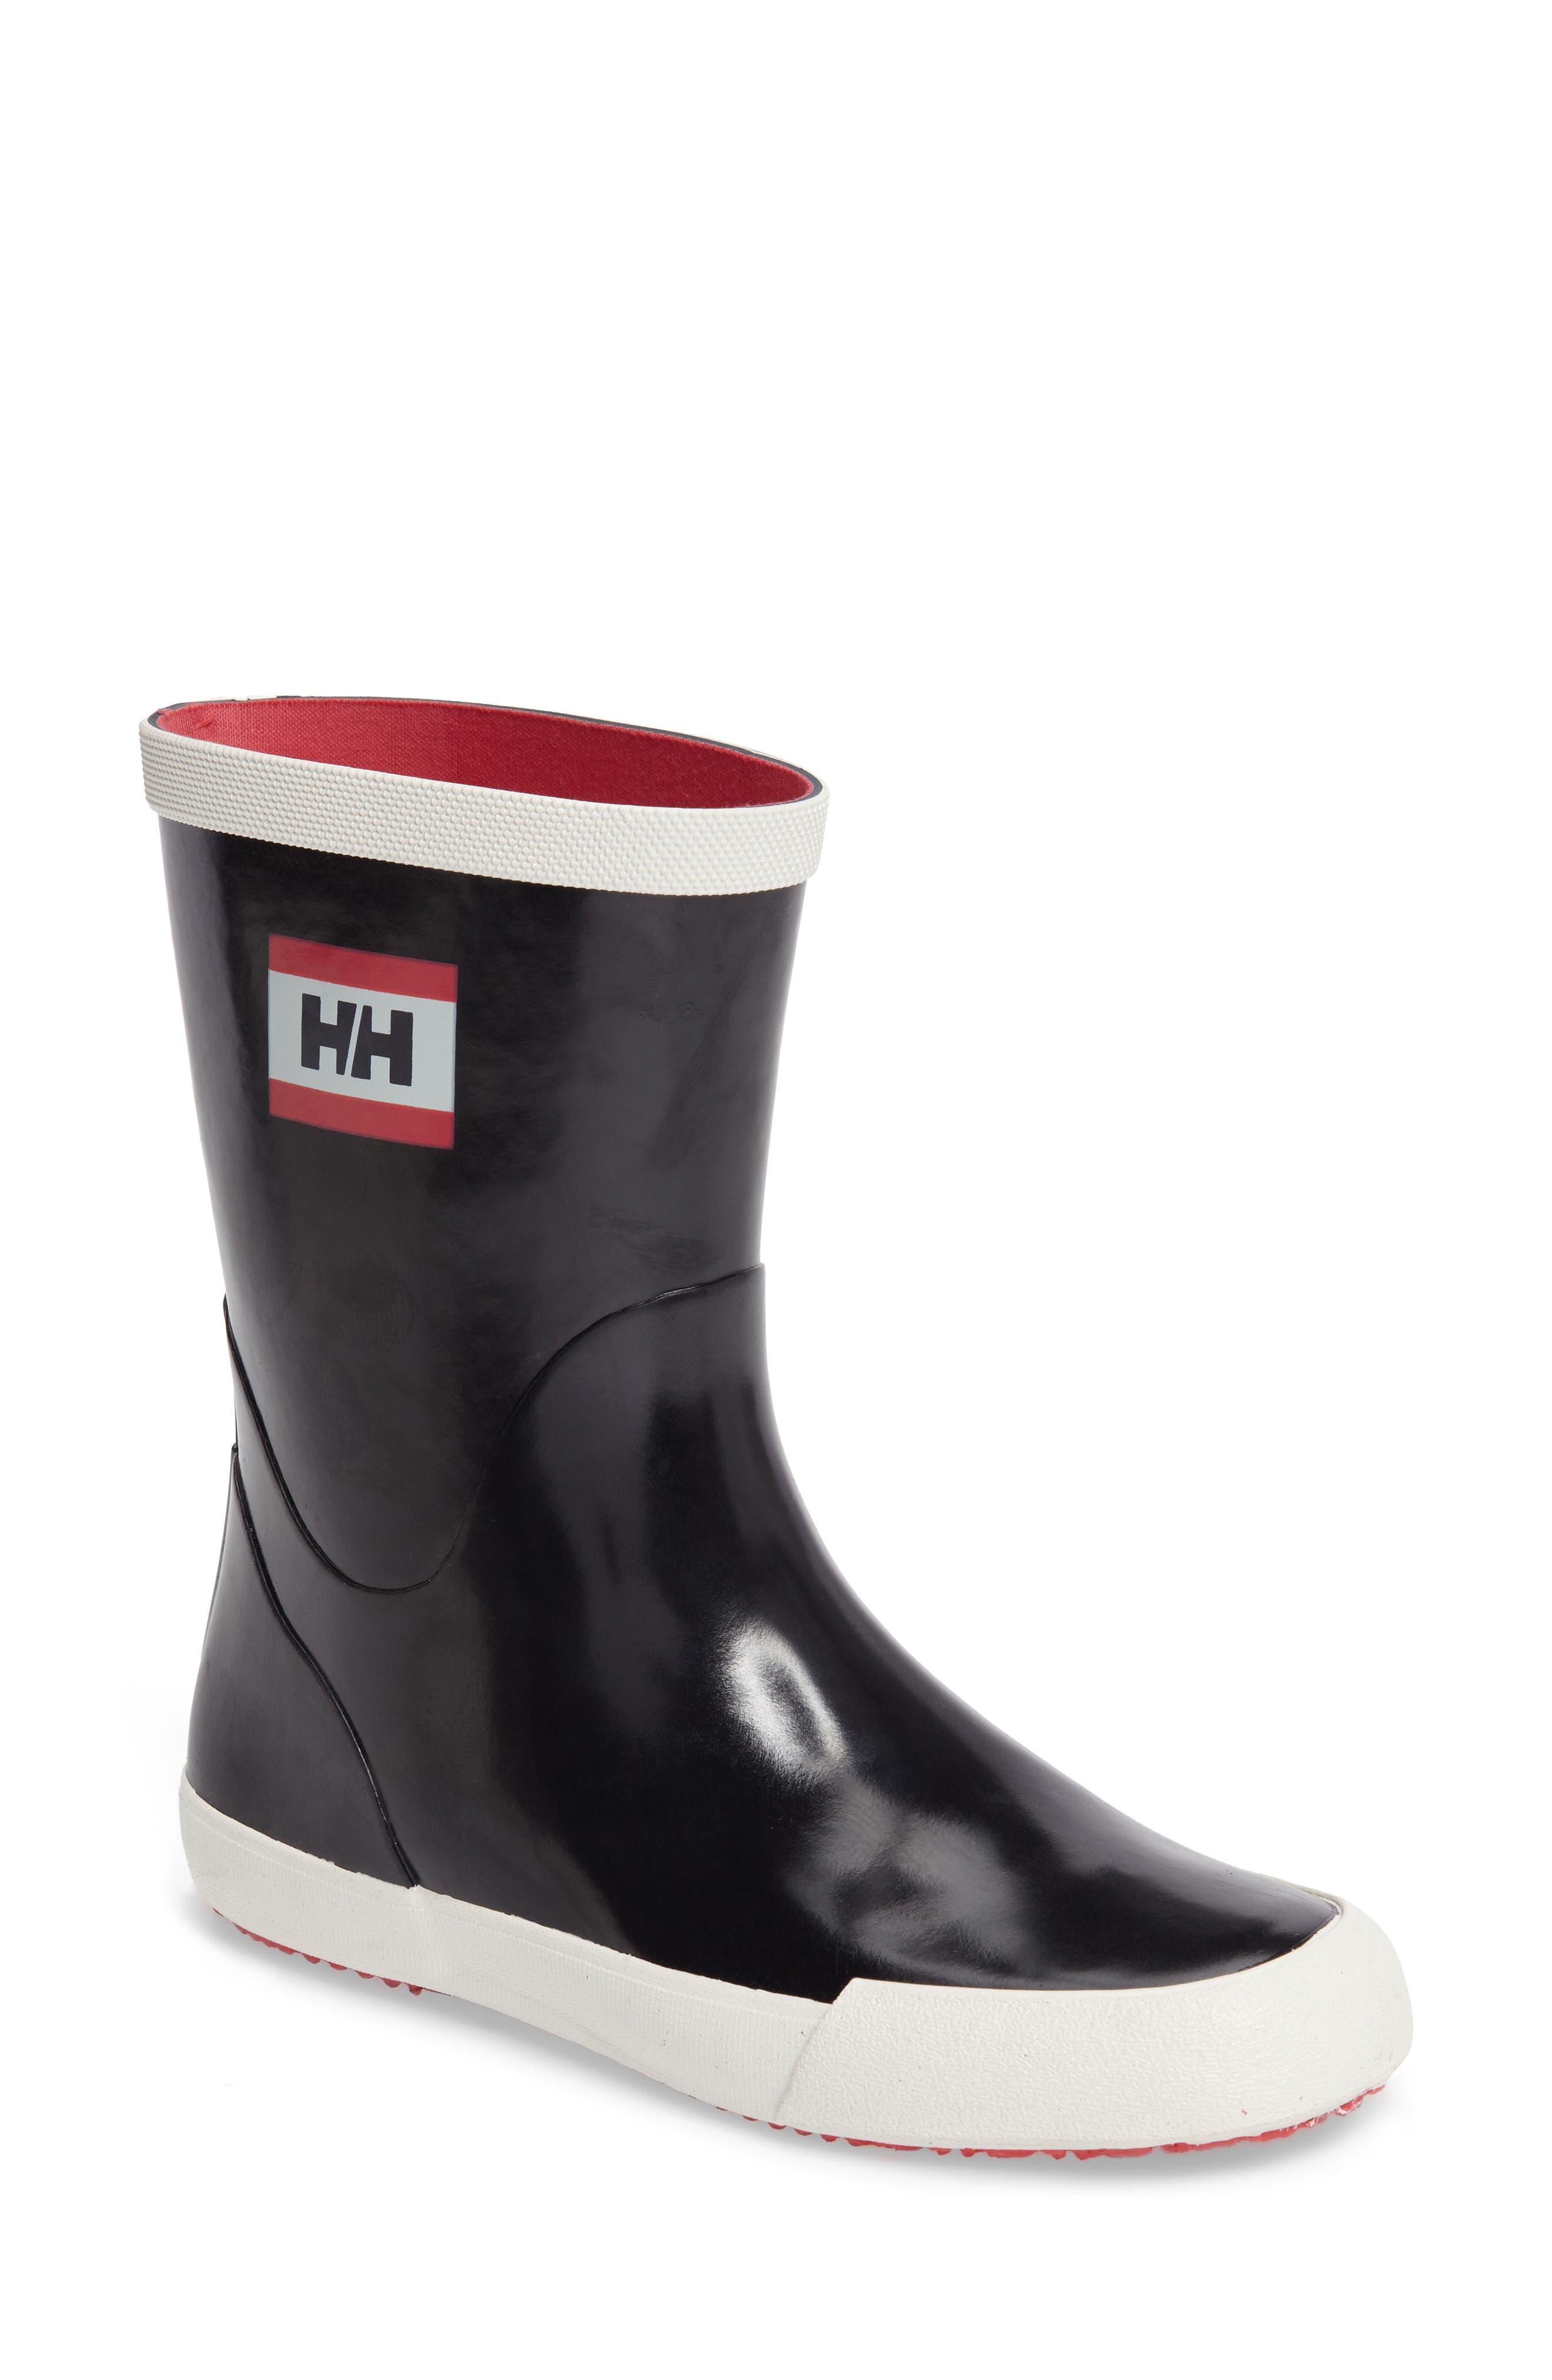 Nordvick Rain Boot,                         Main,                         color, 400